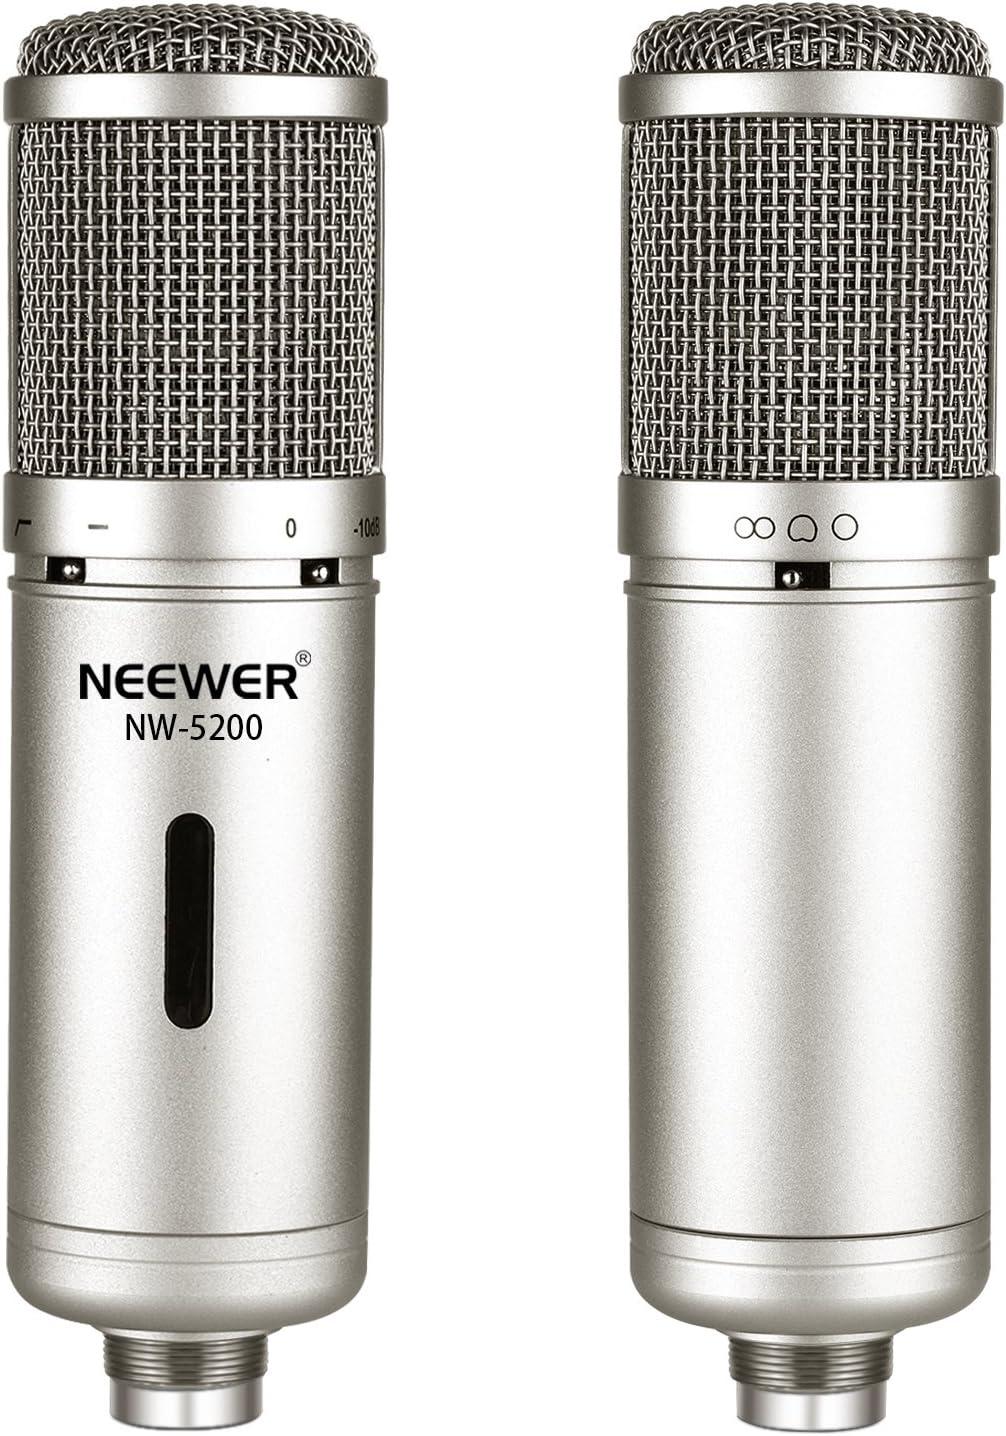 Neewer Kit de Microphone /à Condensateur Diaphragme Large pour Radiodiffusion et Enregistrement: NW-5200 Mic Cardio/ïde /à Port Lat/éral Support Antichoc Argent/é /Étui Capuchon en Mousse Anti-Vent